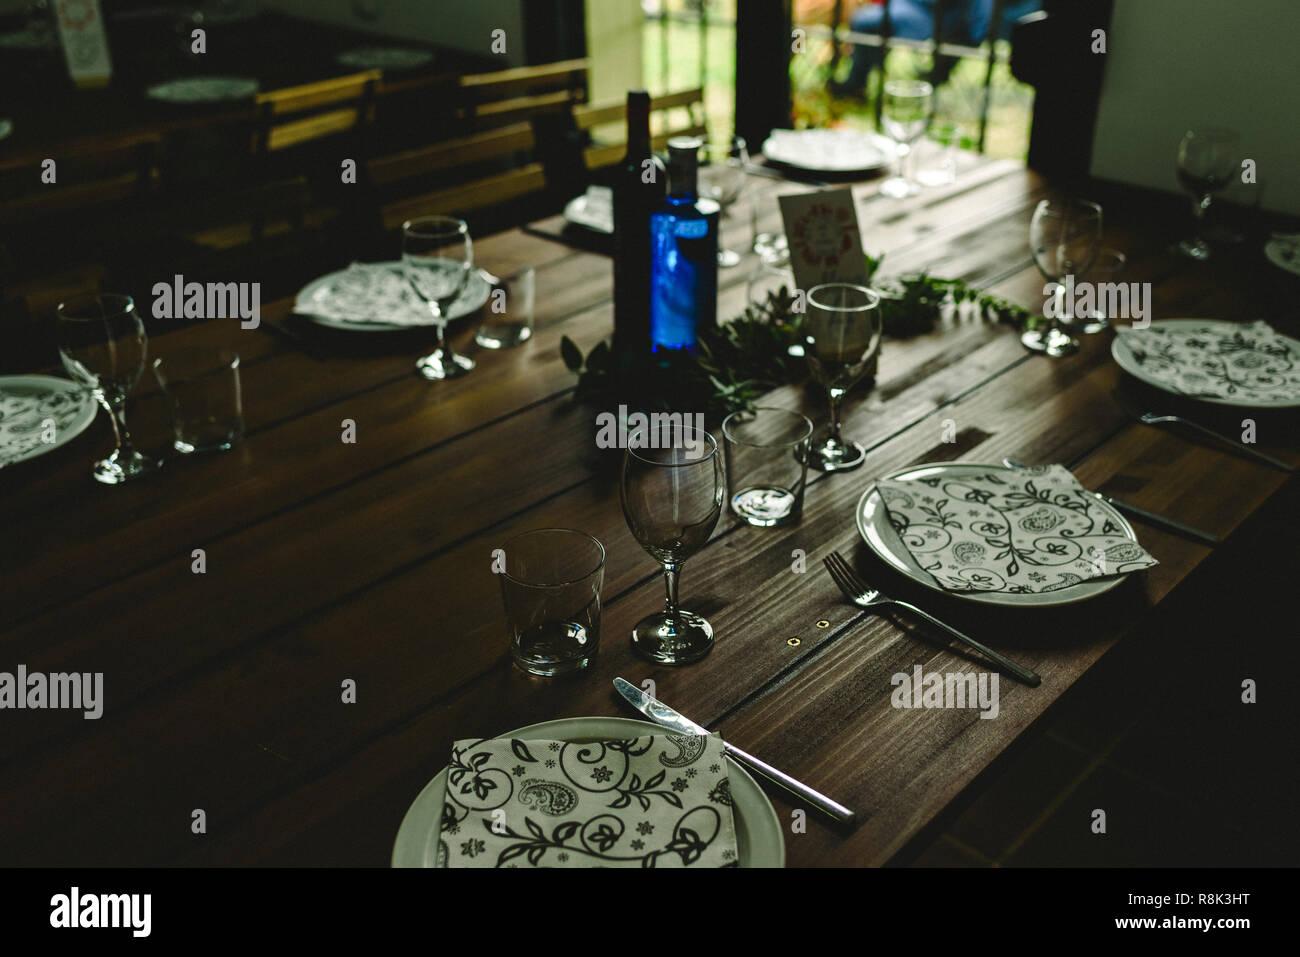 Tables en bois avec des couverts et assiettes verres rétroéclairé sans que personne. Photo Stock